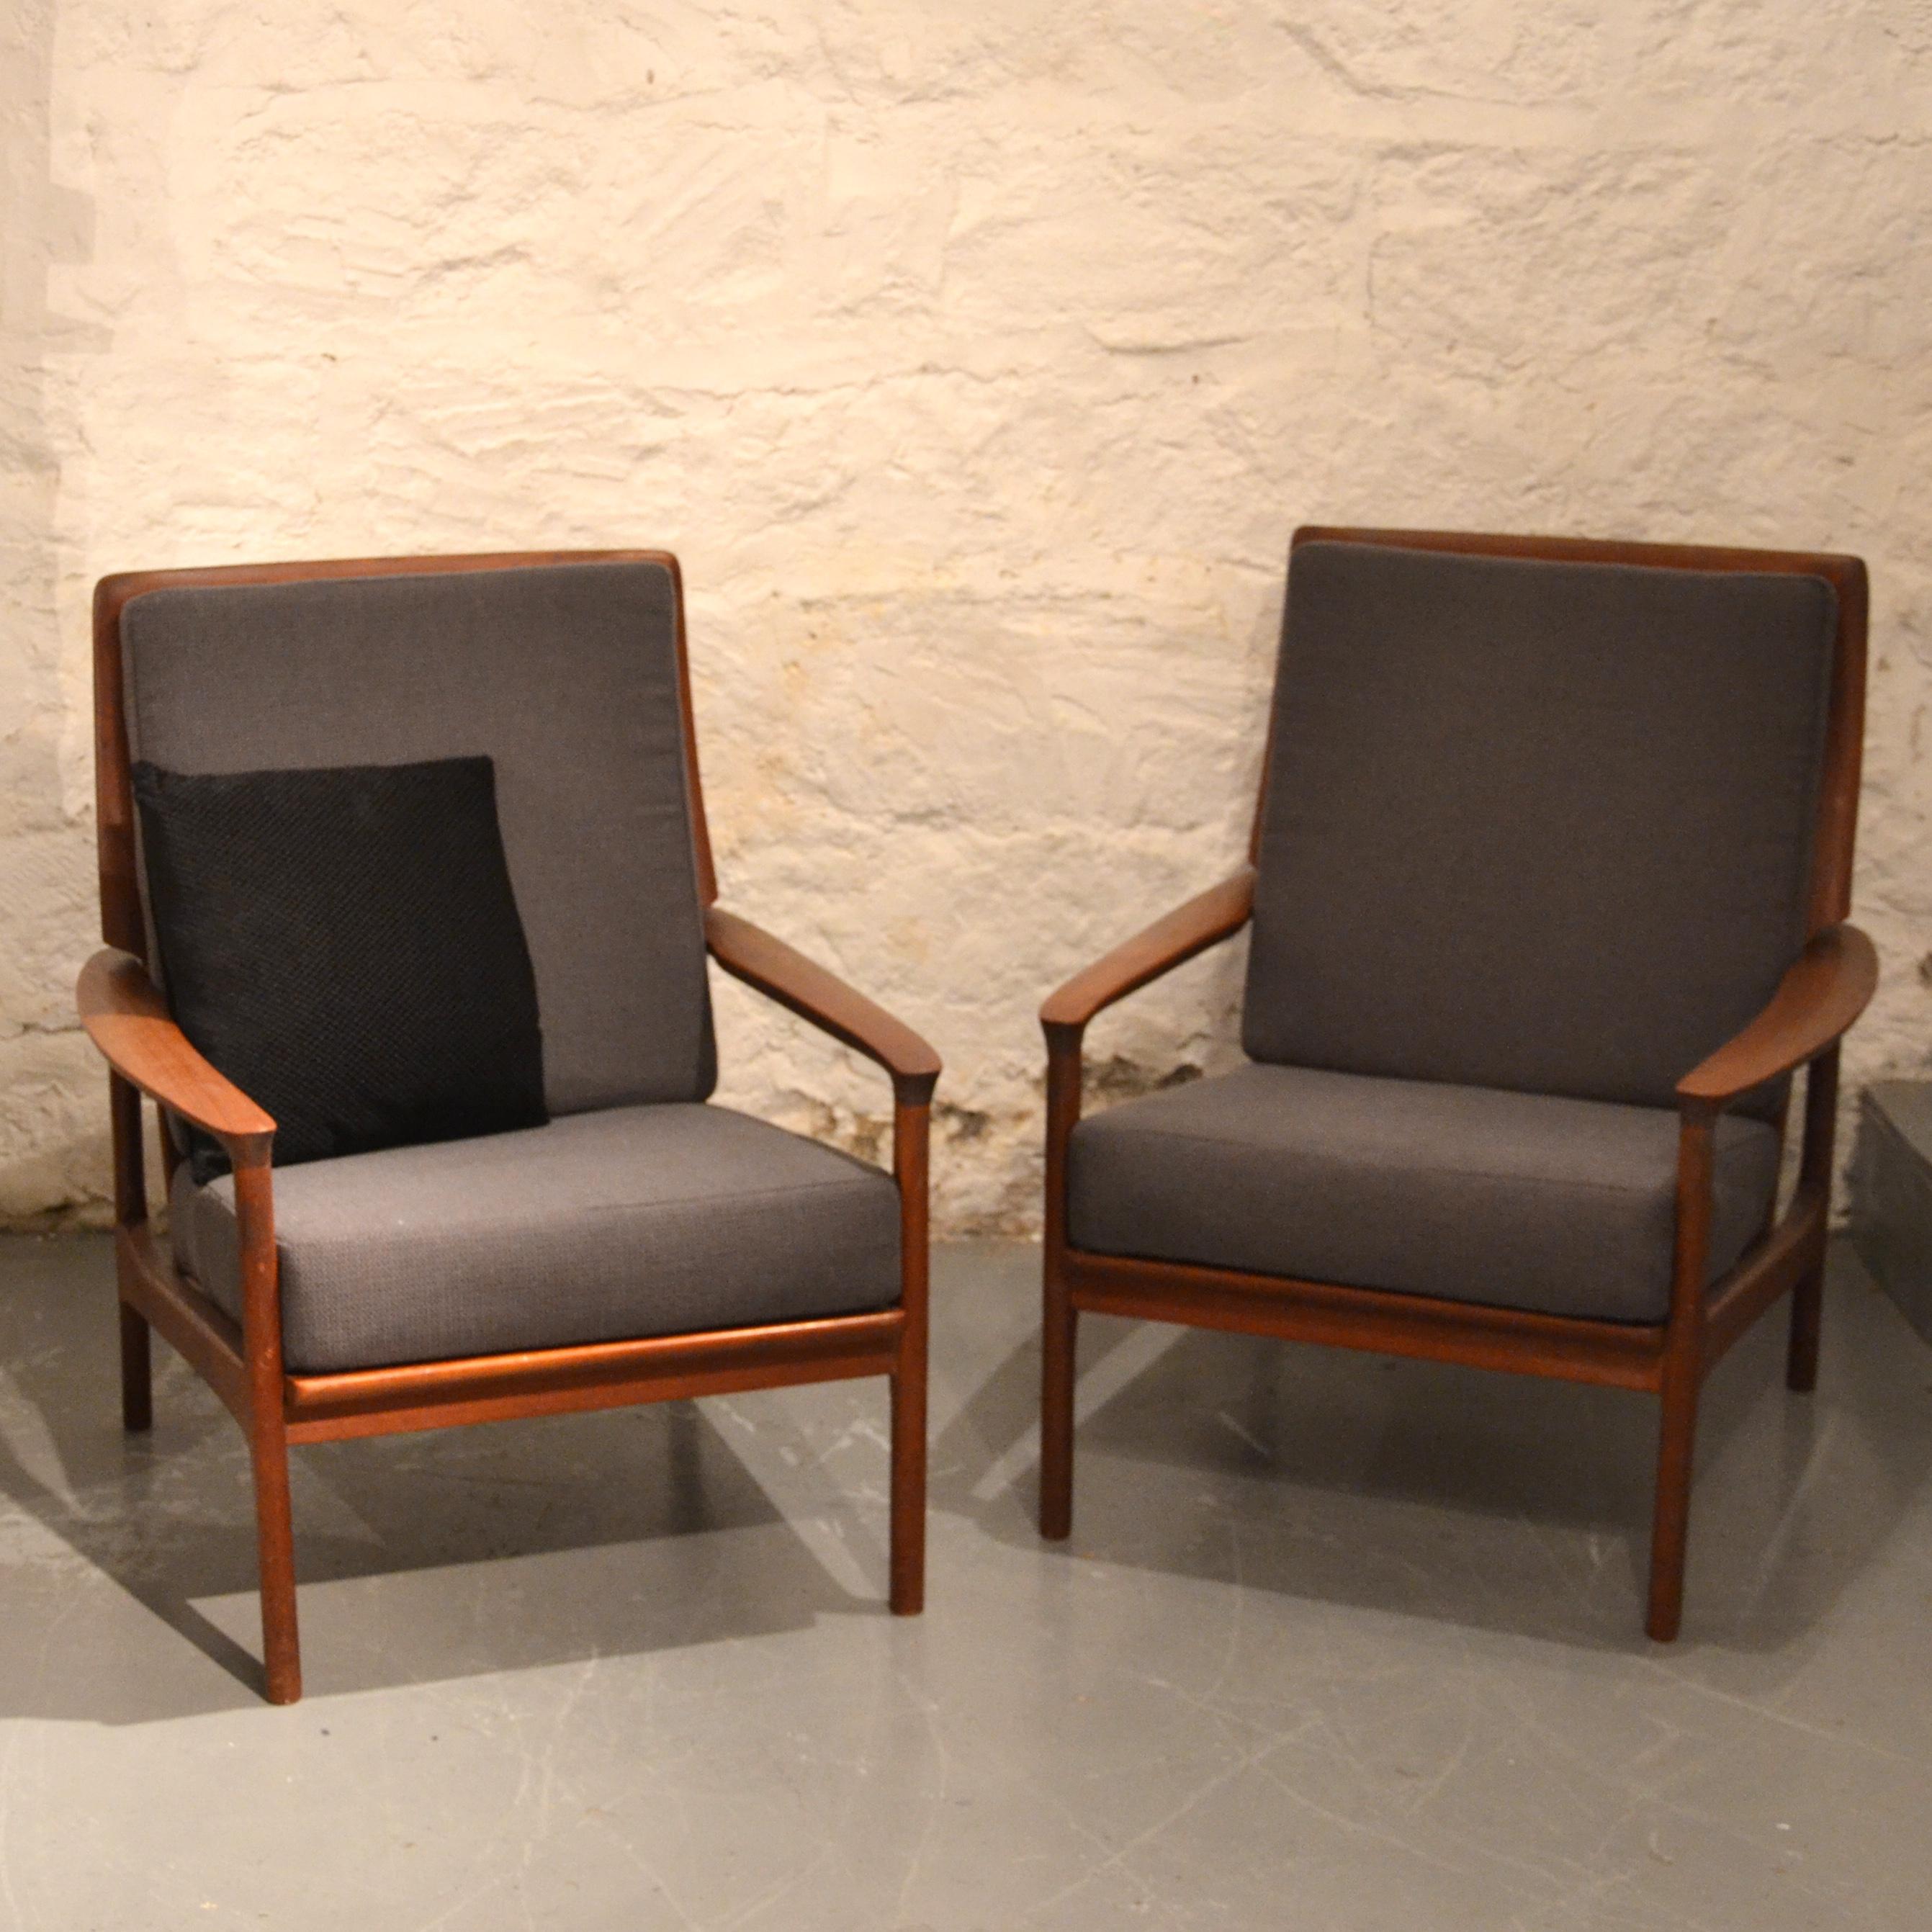 paire de fauteuils scandinaves bindiesbindies. Black Bedroom Furniture Sets. Home Design Ideas